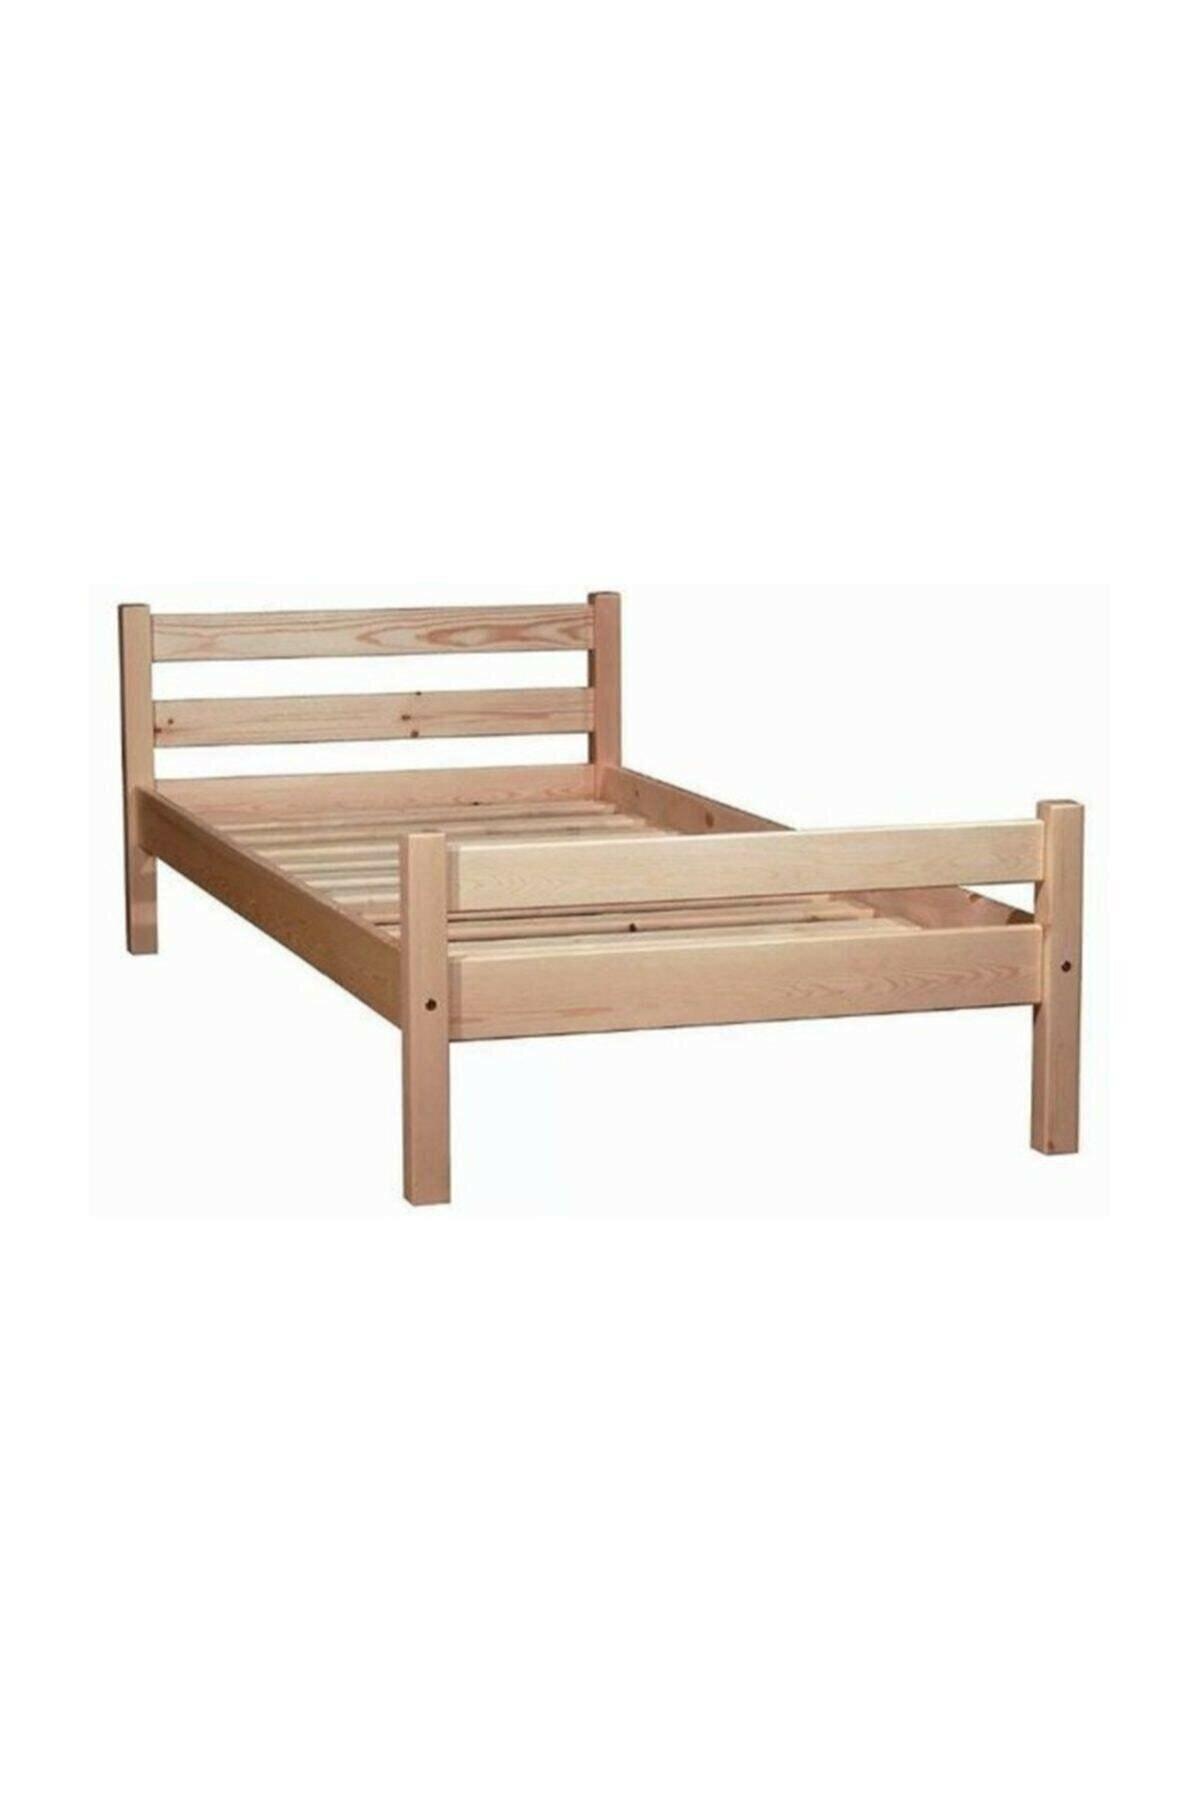 Yatak Çocuk Yatak Doğal Çam Ağacından 90x190